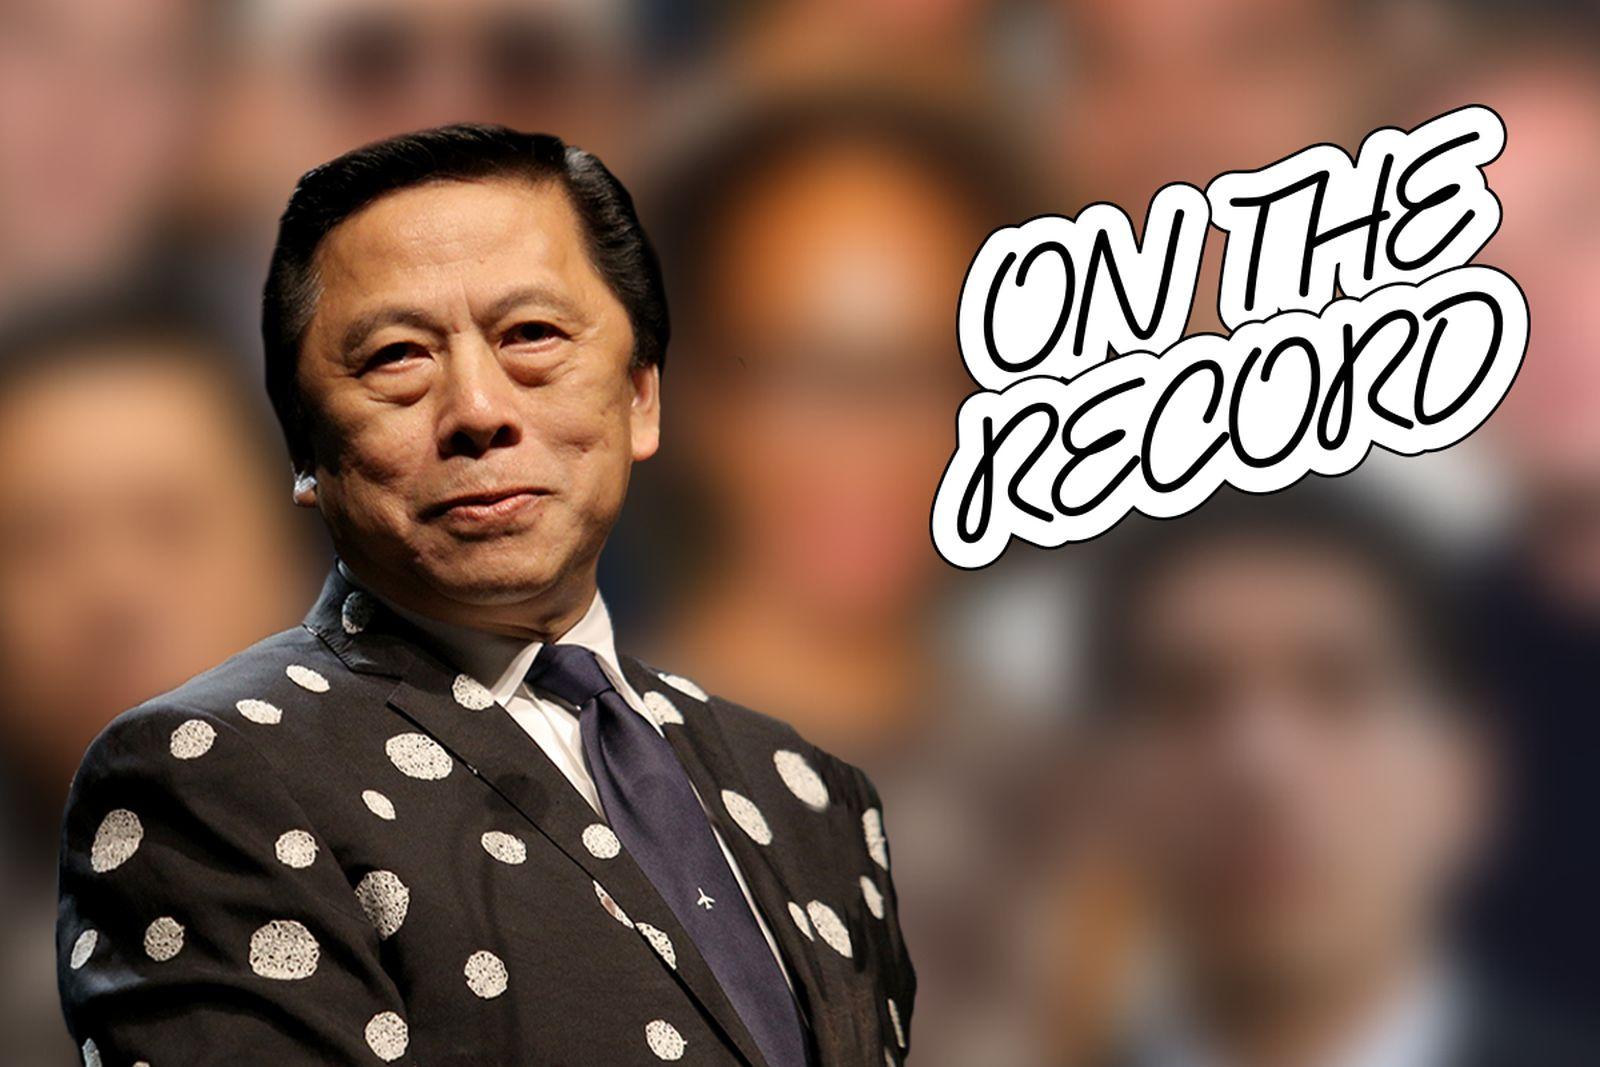 ED_PC_On_The_Record_John_C_Jay_800